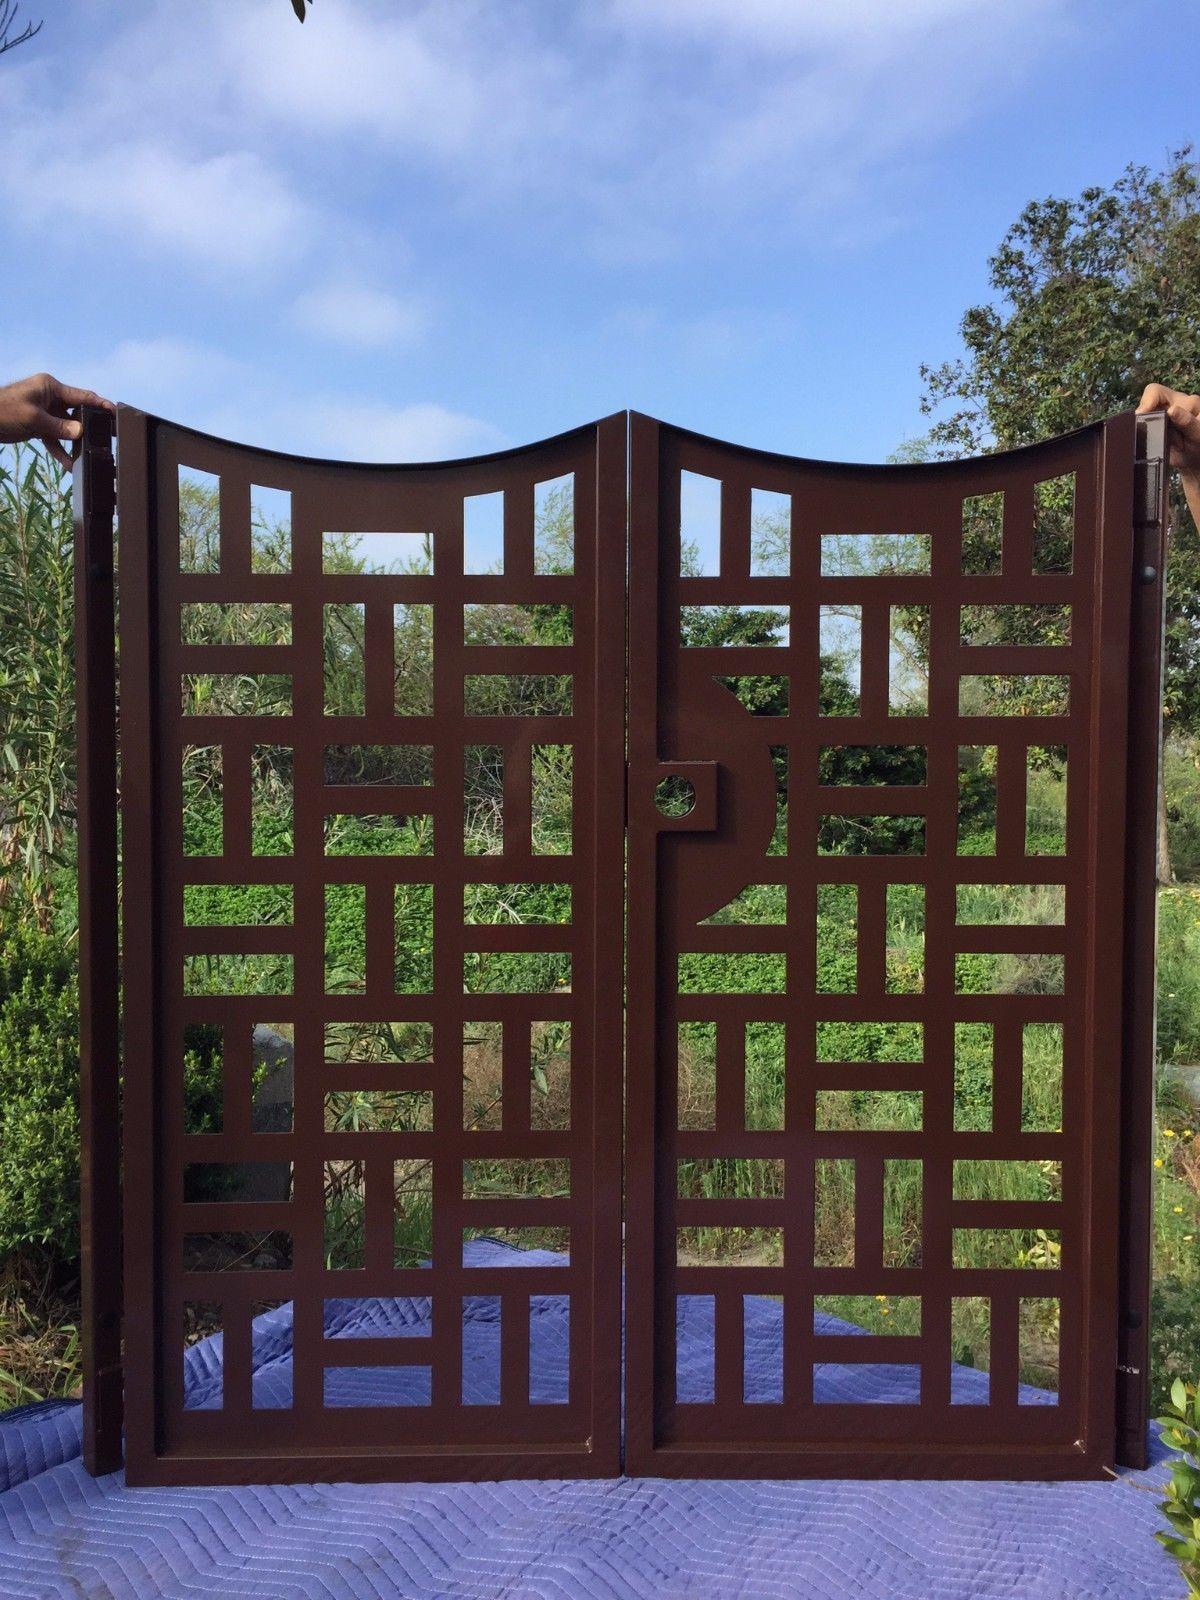 Buy A Handmade Contemporary Metal Gate Custom Dual Entry